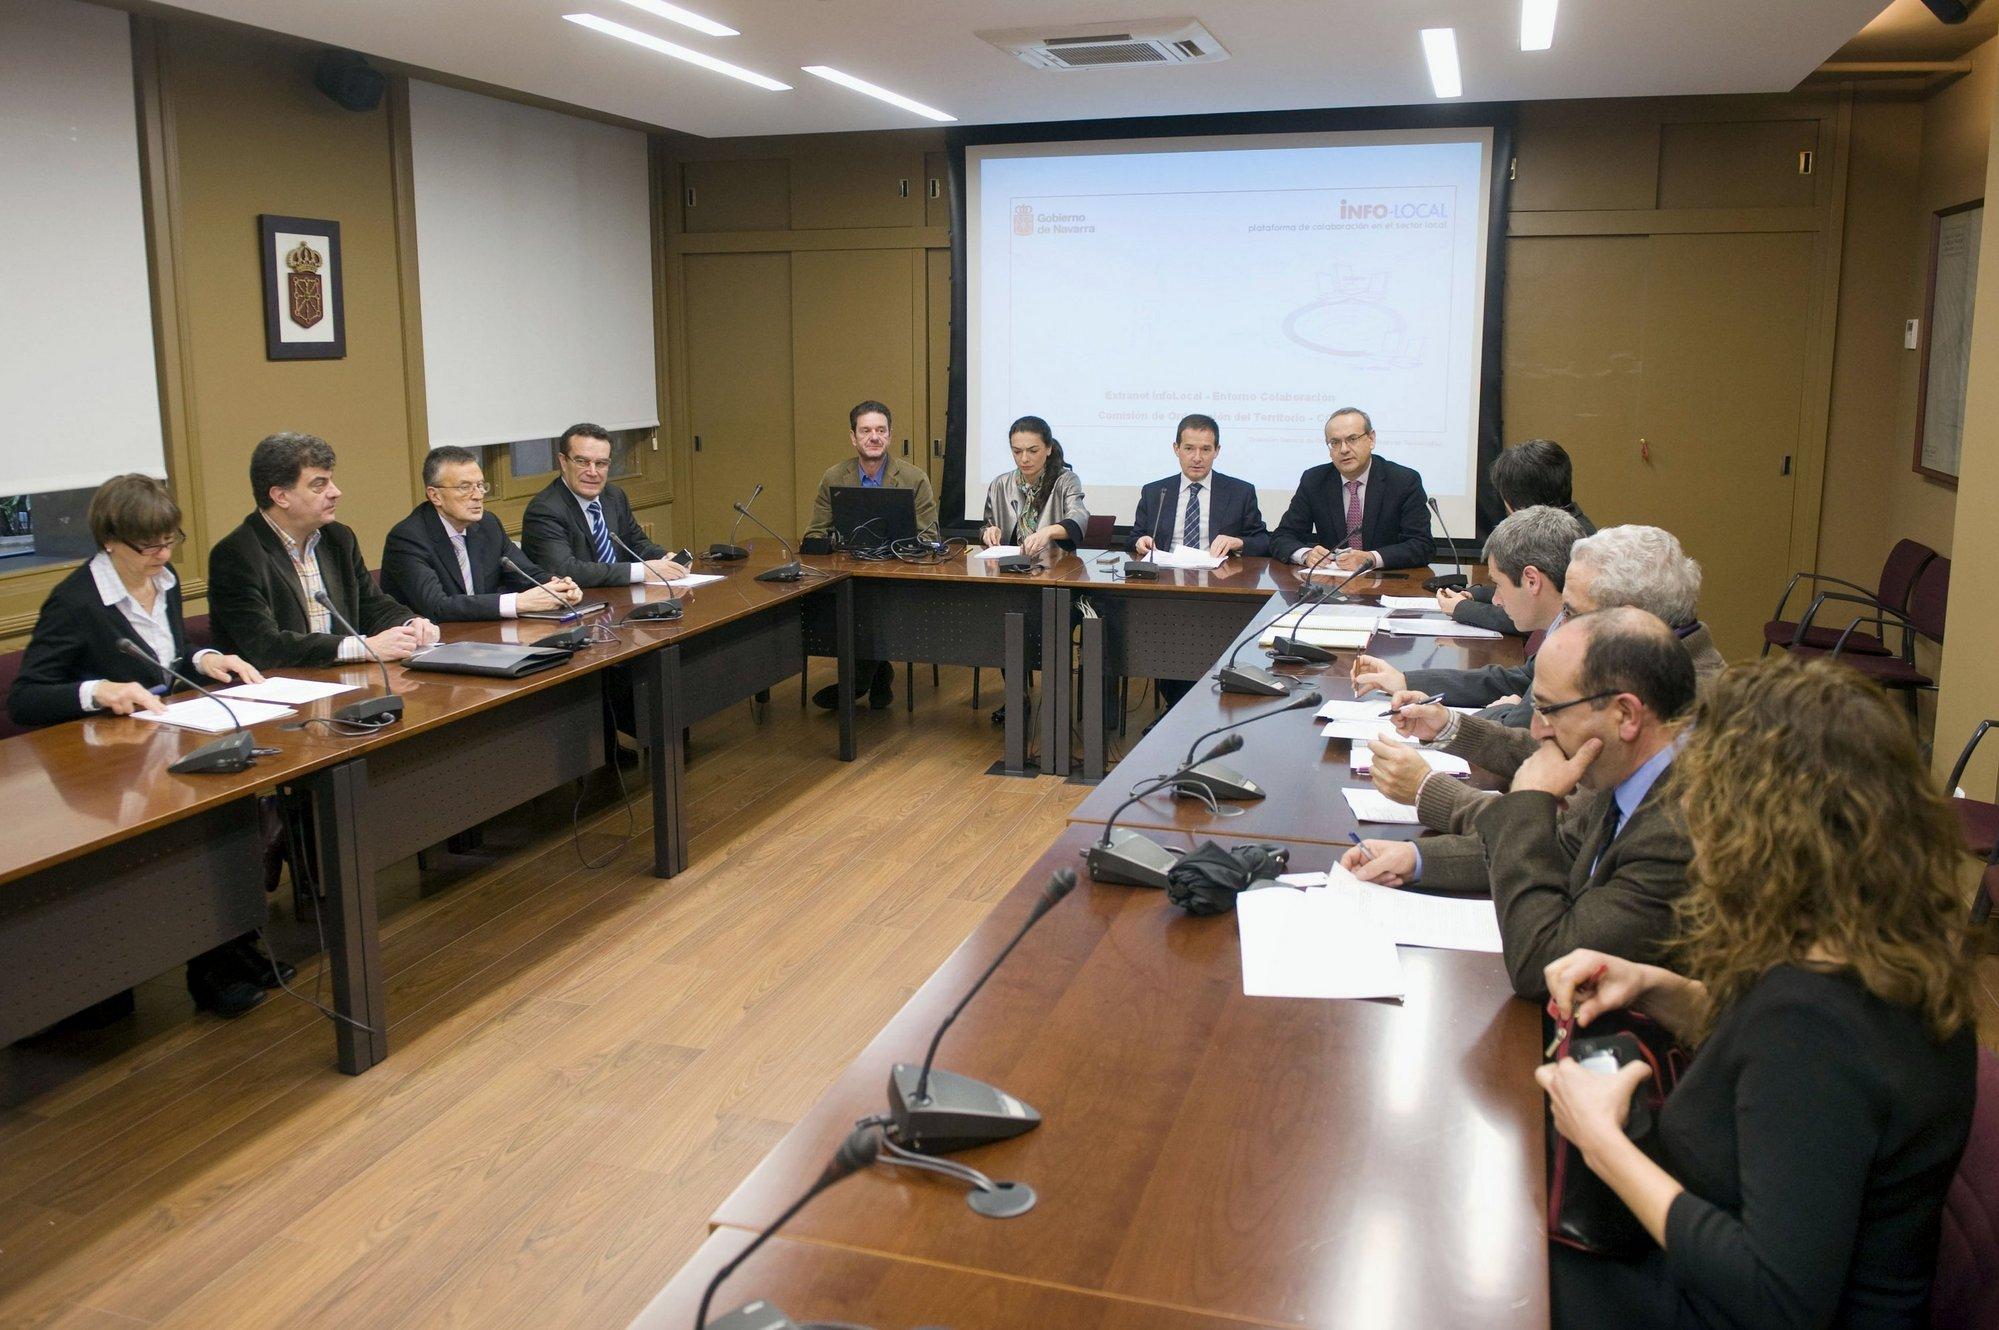 La Comisión de Ordenación del Territorio propone someter de nuevo a información pública el PSIS de Donapea